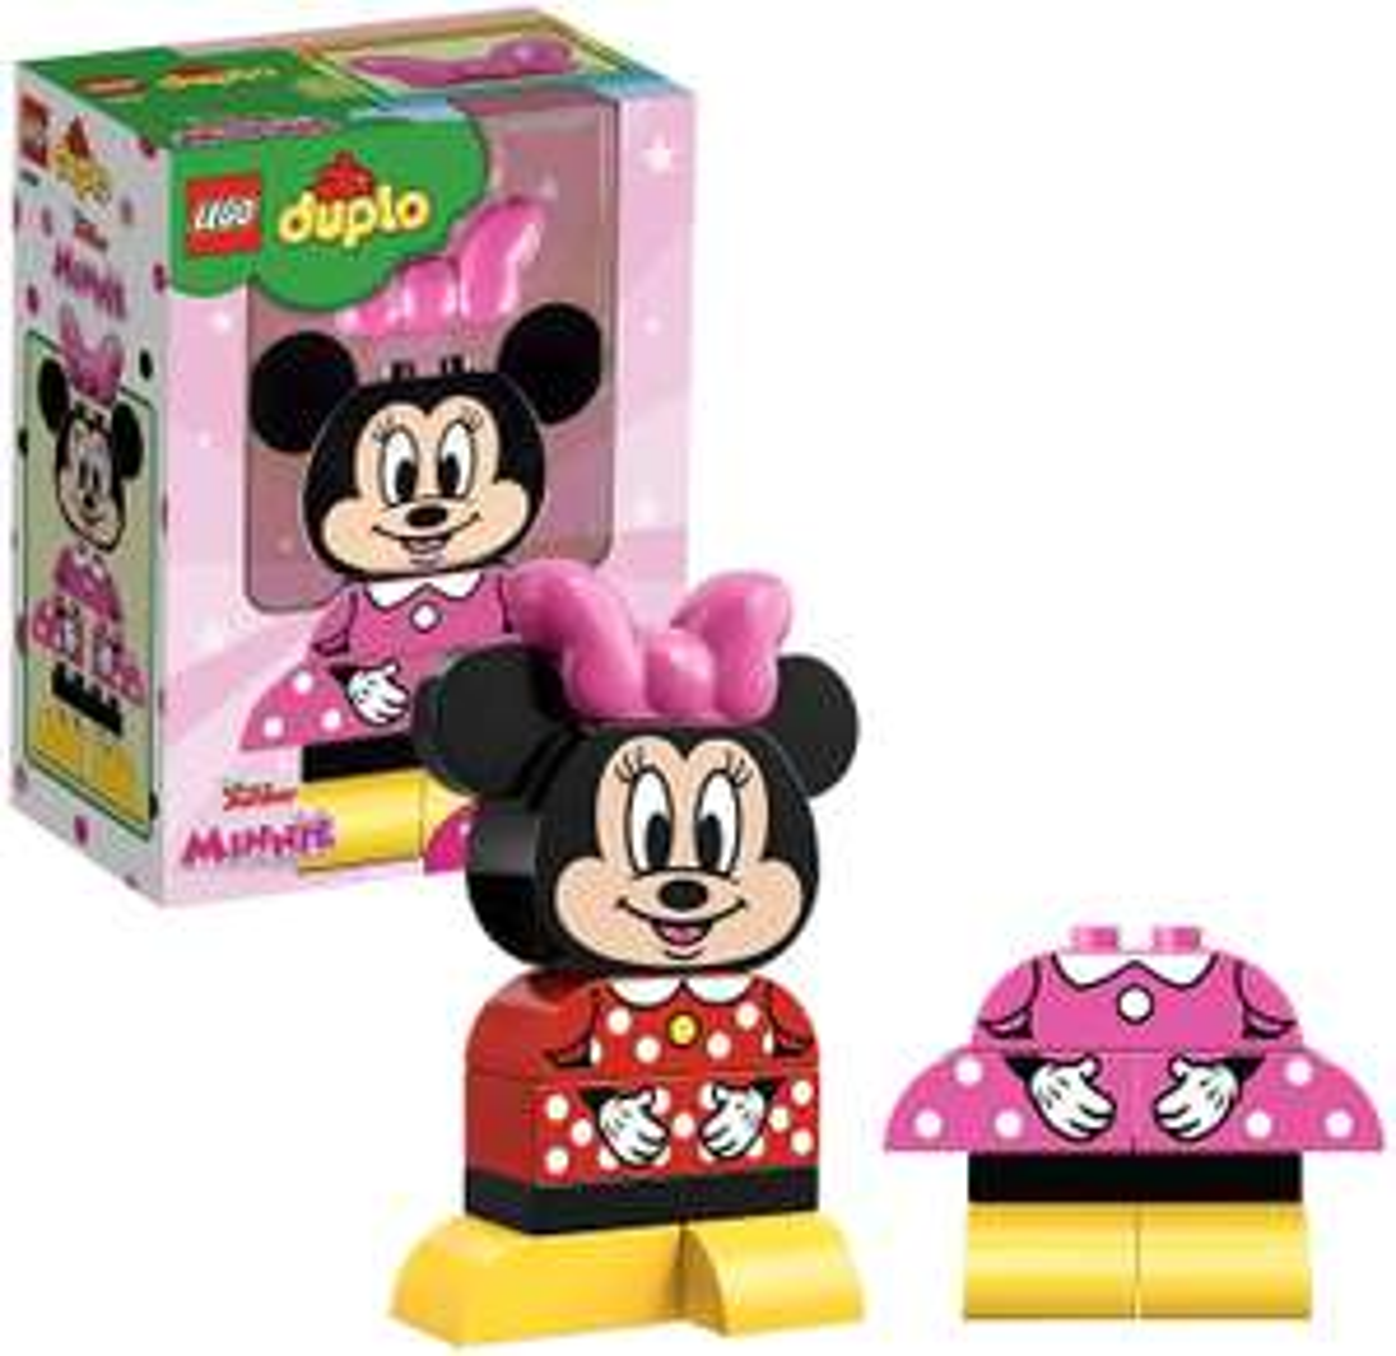 LEGO DUPLO - 10897 Meine erste Minnie Maus (10 Teile) für 5,99€ zzgl. Versand